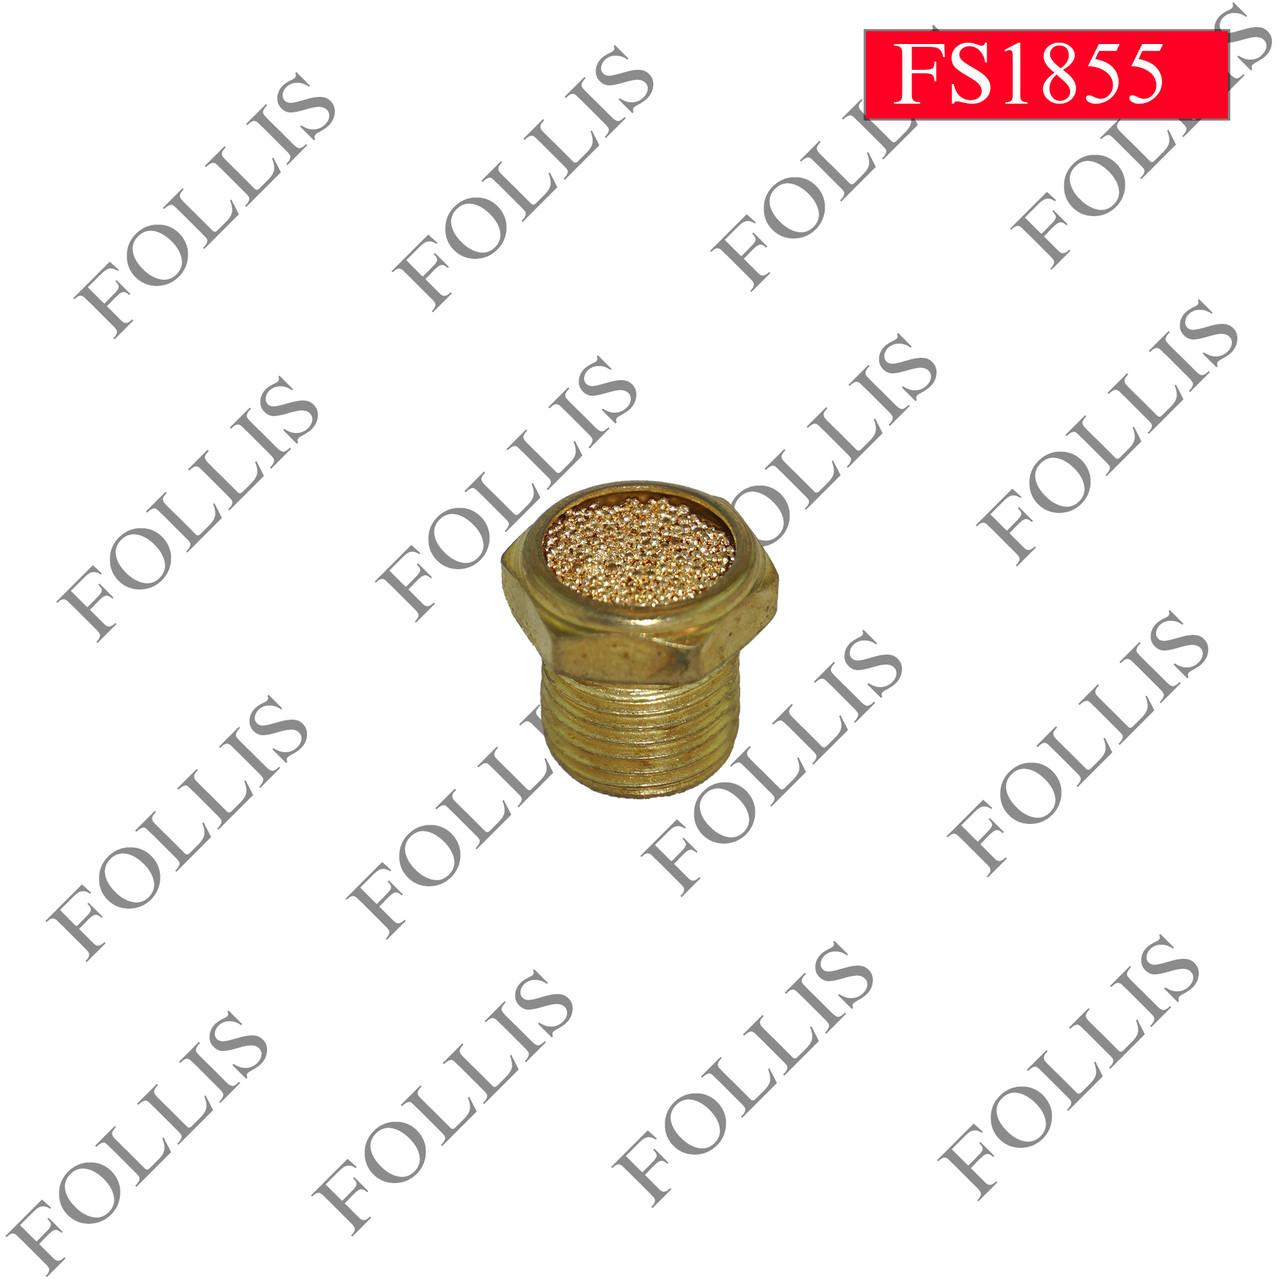 Пневмат всасывающий фильтр BSL-1